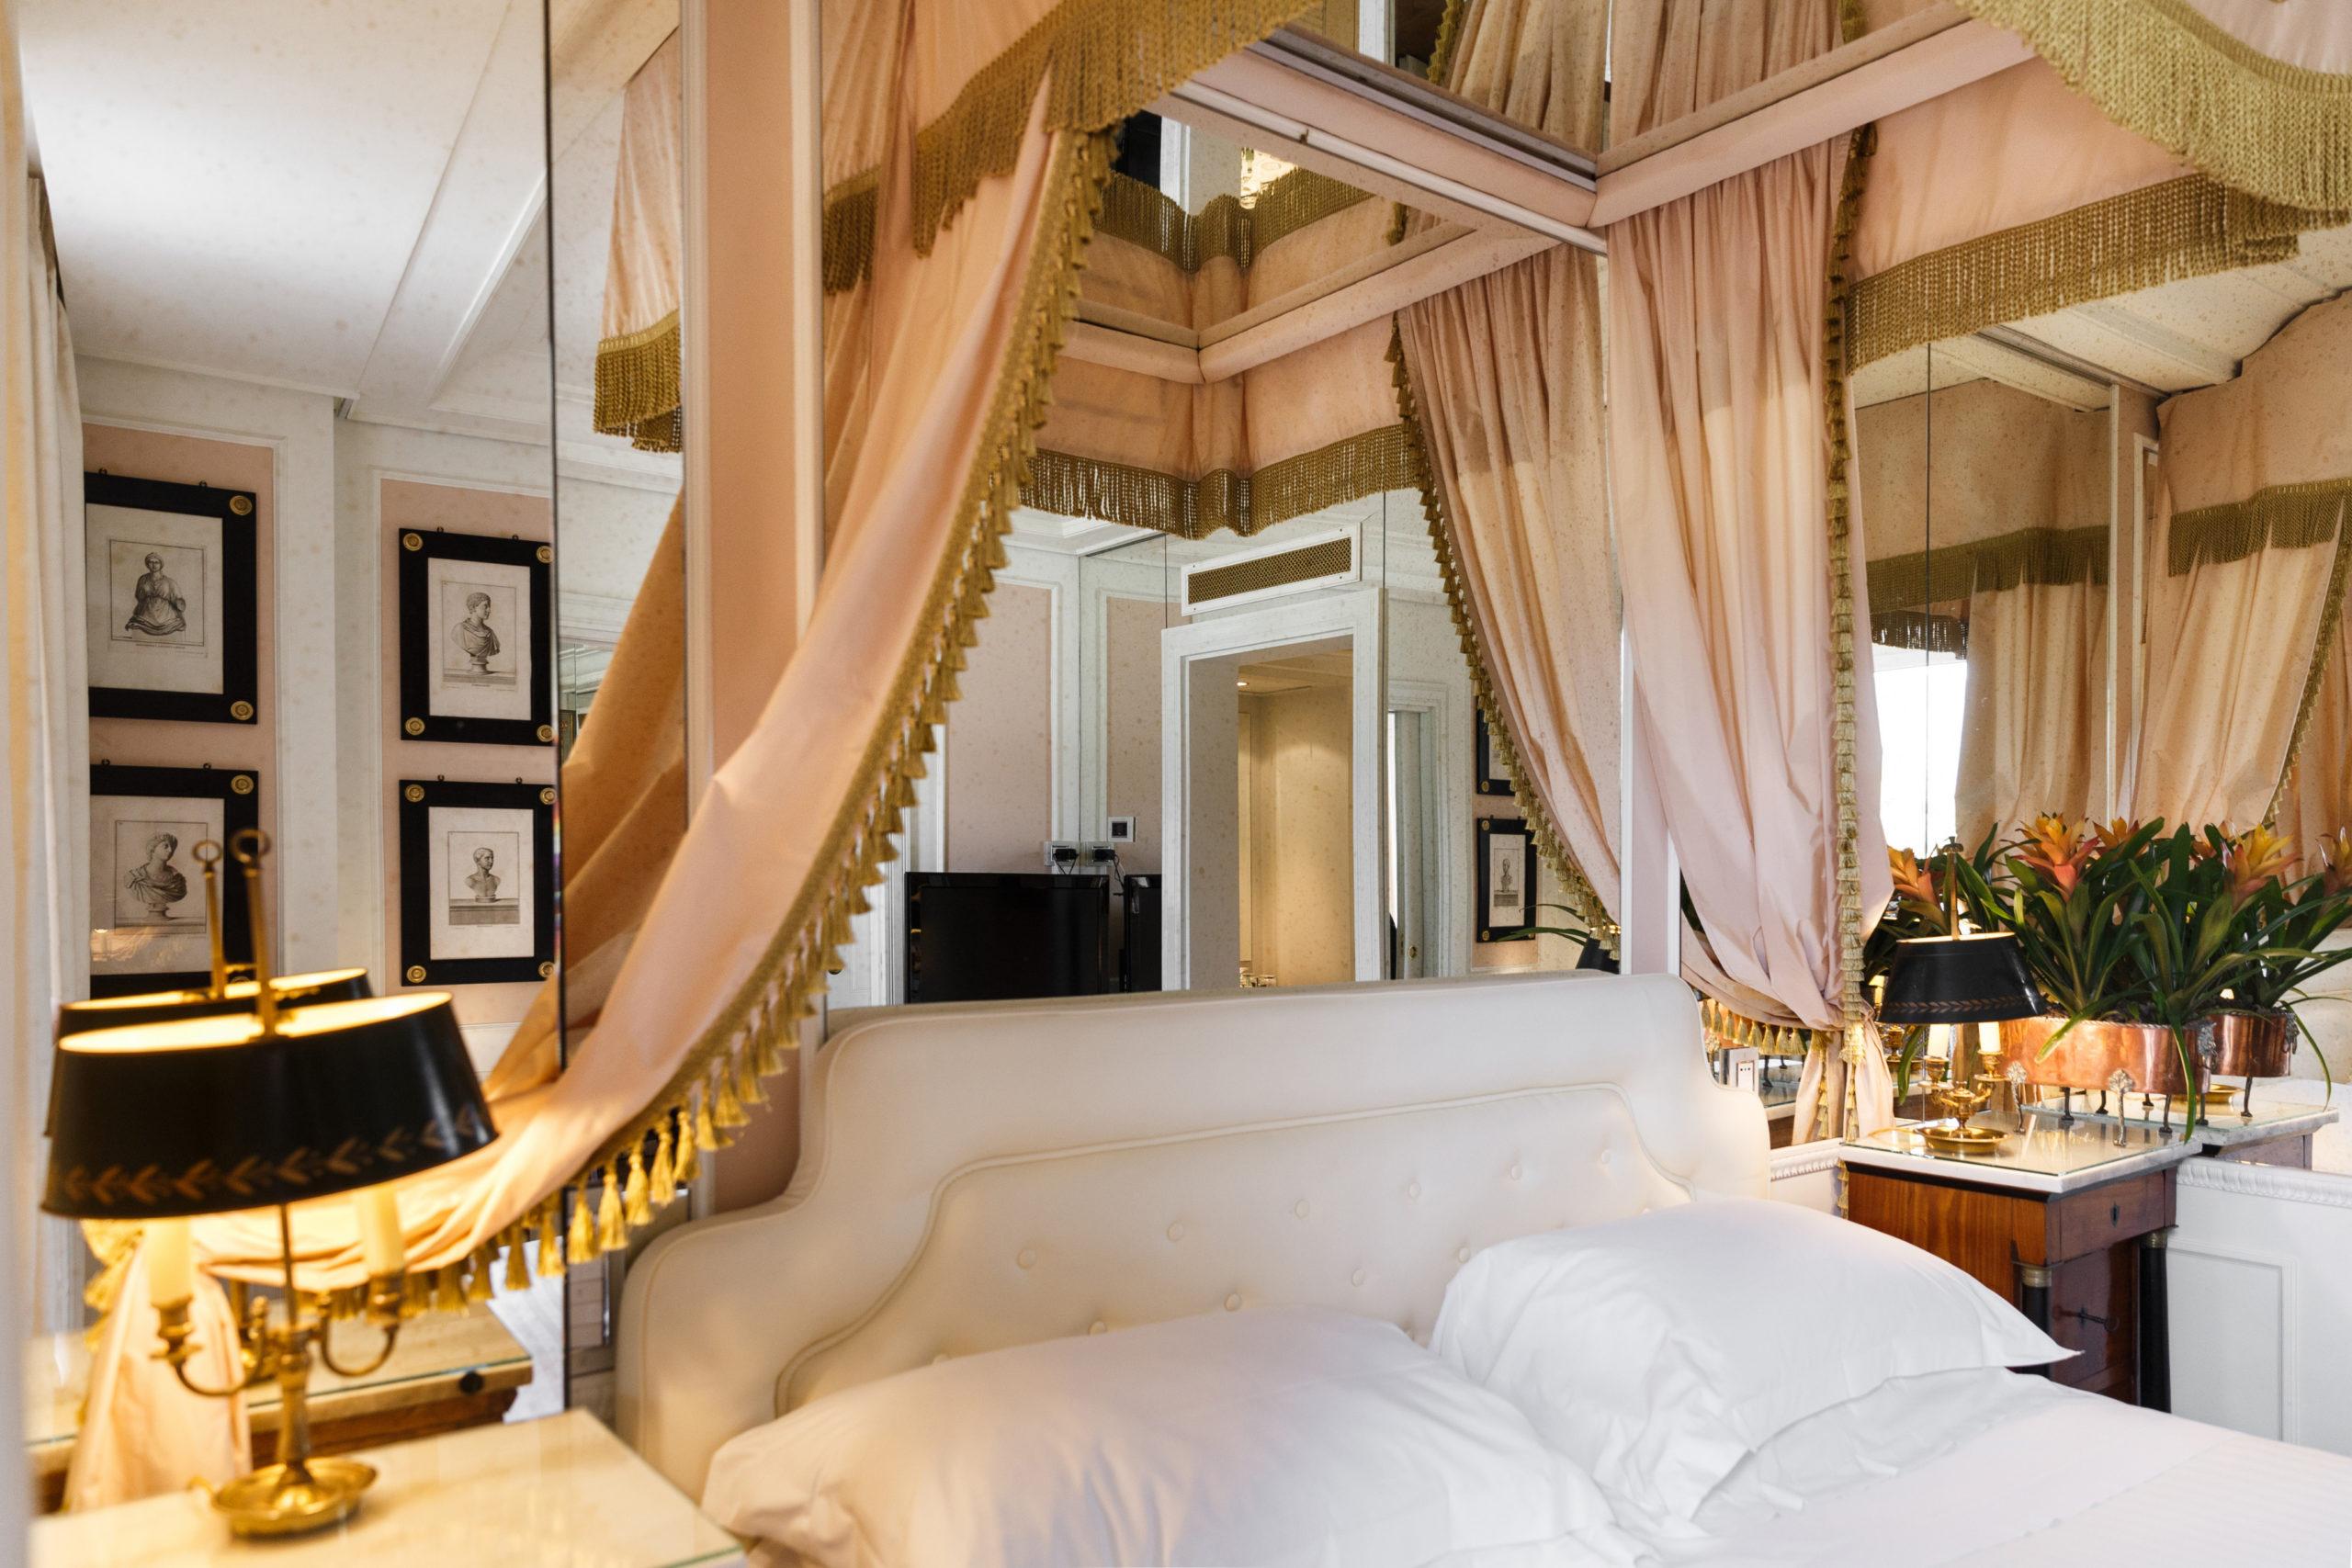 Excelsior Palace Hotel di Rapallo (19)